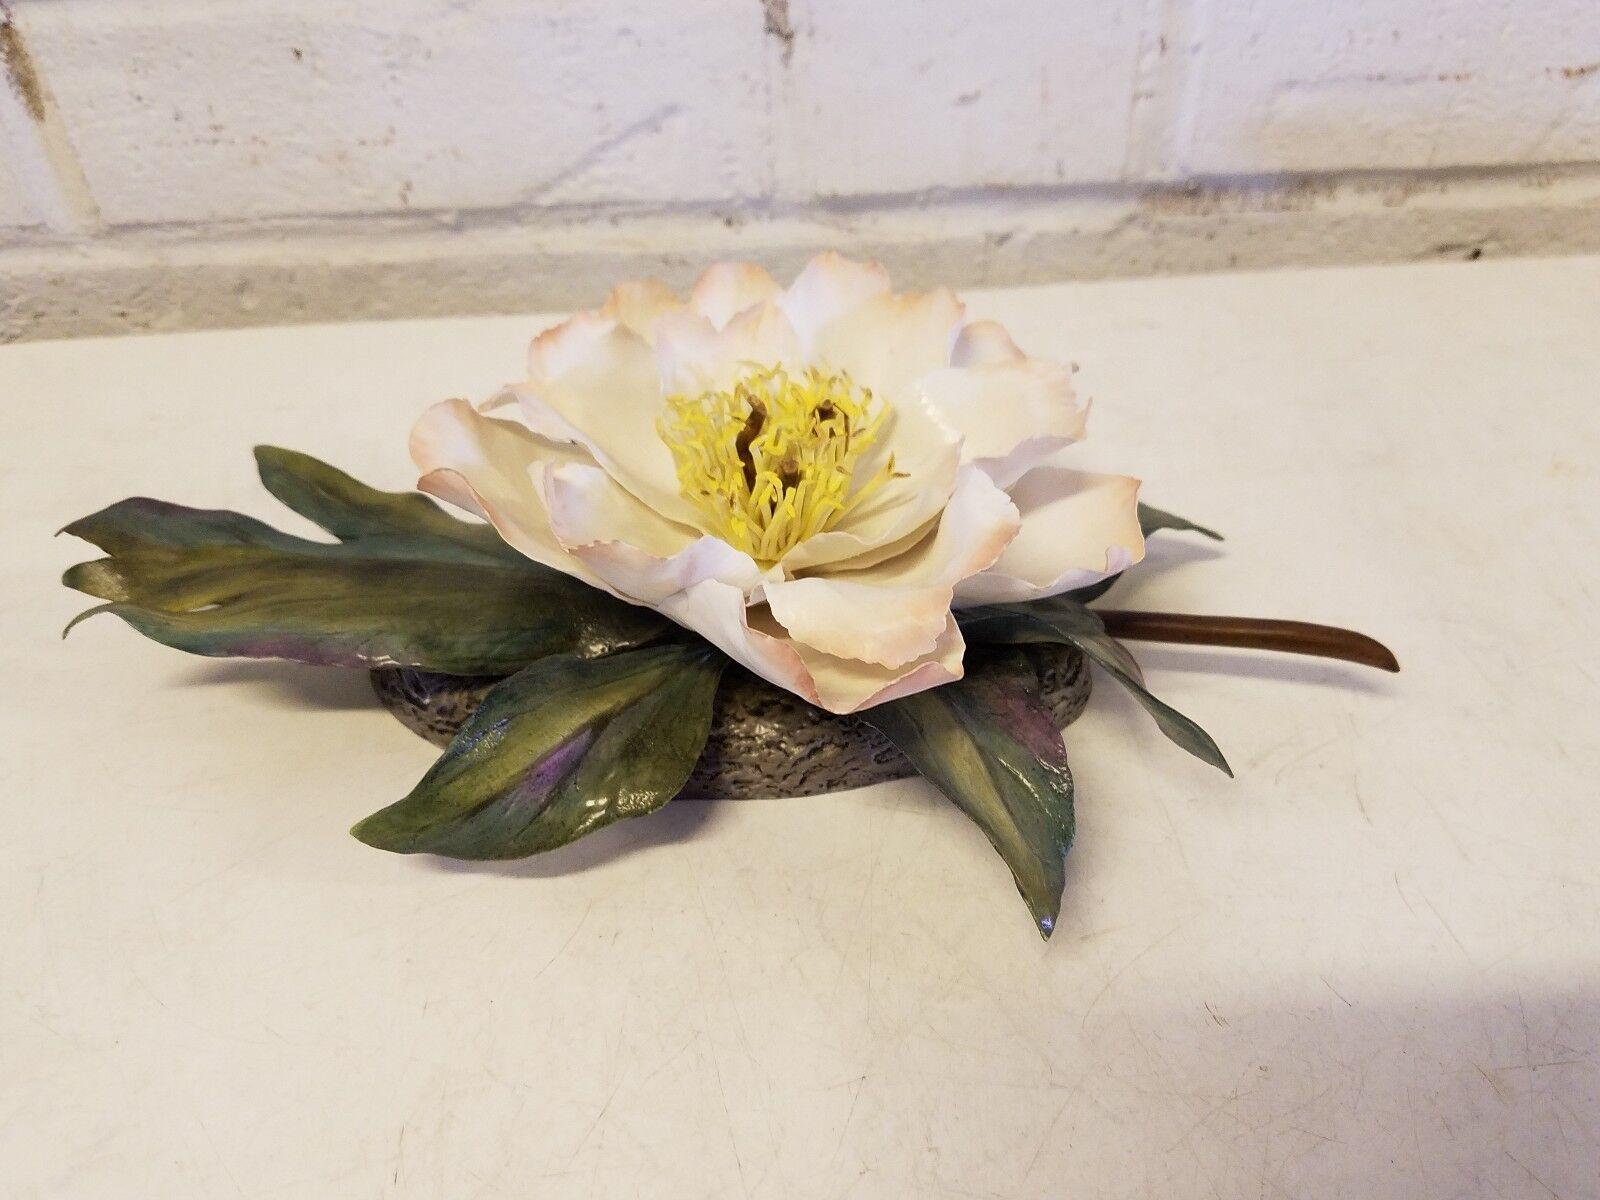 los últimos modelos Vintage Boehm Porcelana Pequeño blancoo blancoo blancoo Floral Stem Flor de Amapola  saludable